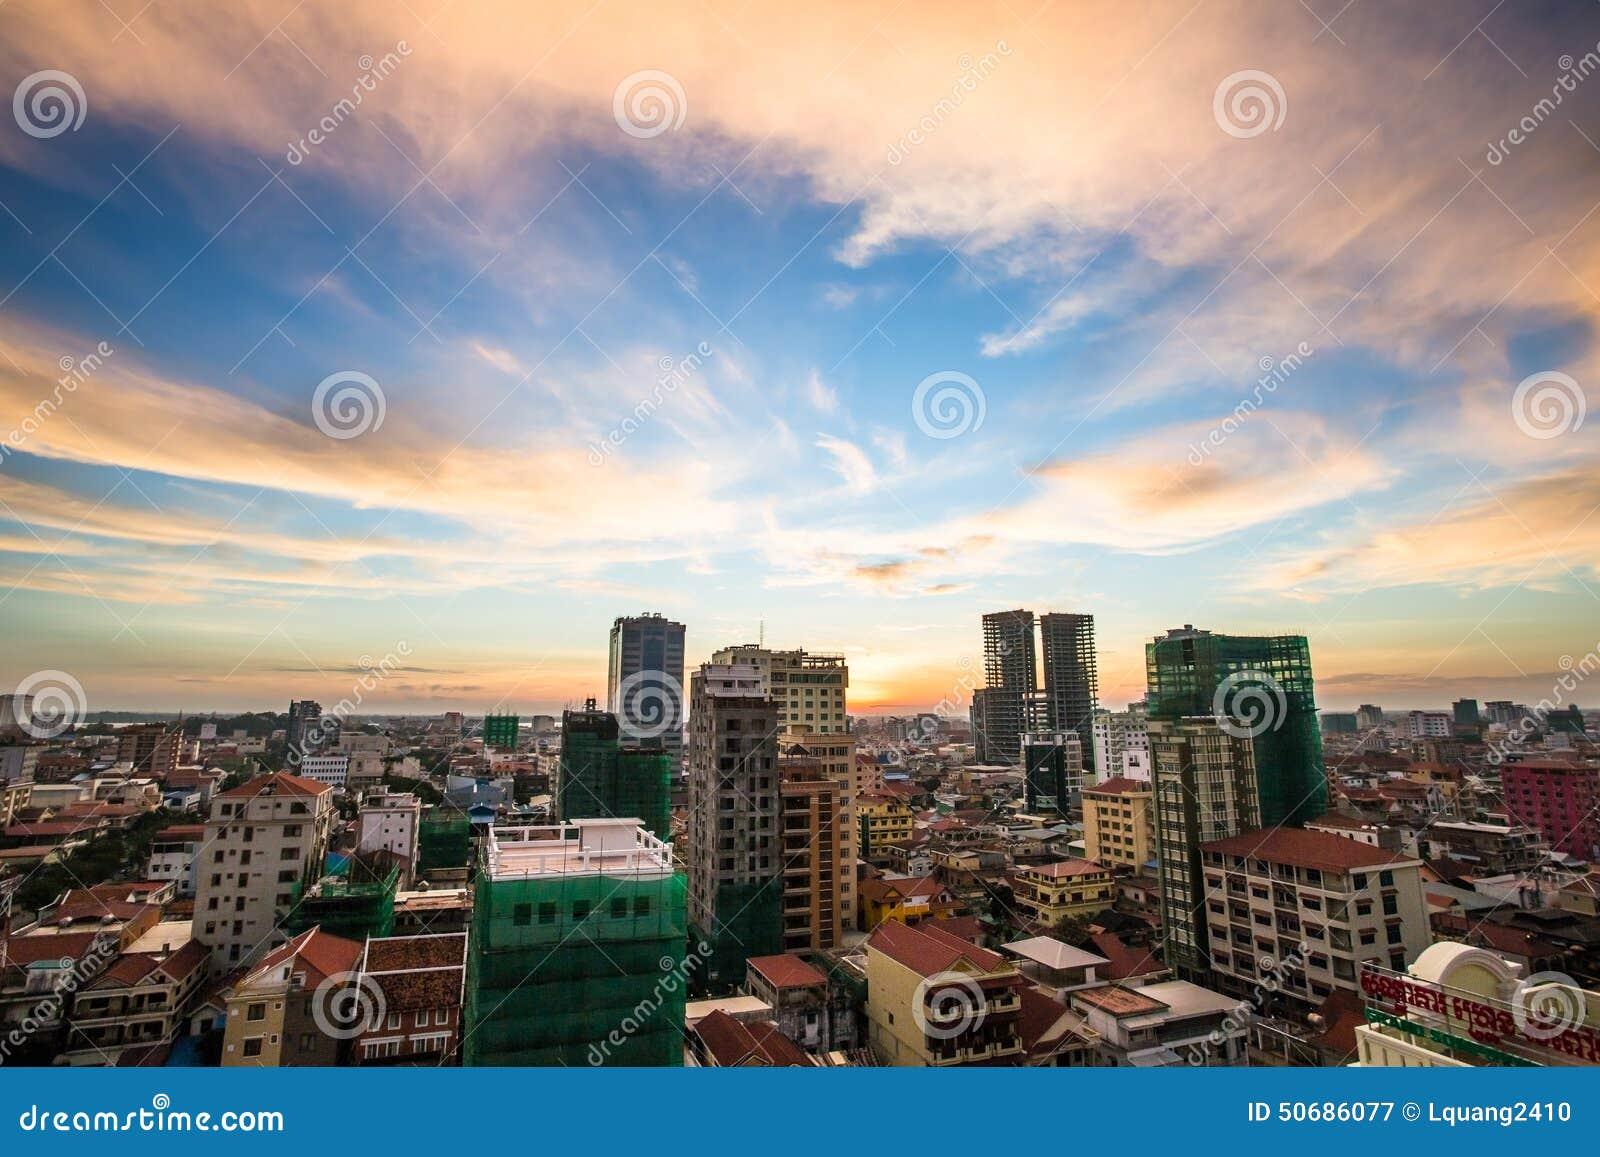 Download 都市风景在金边市 库存图片. 图片 包括有 柬埔寨, 日落, 早晨, 城市, 旅行, 遗产, 资本, 高棉 - 50686077